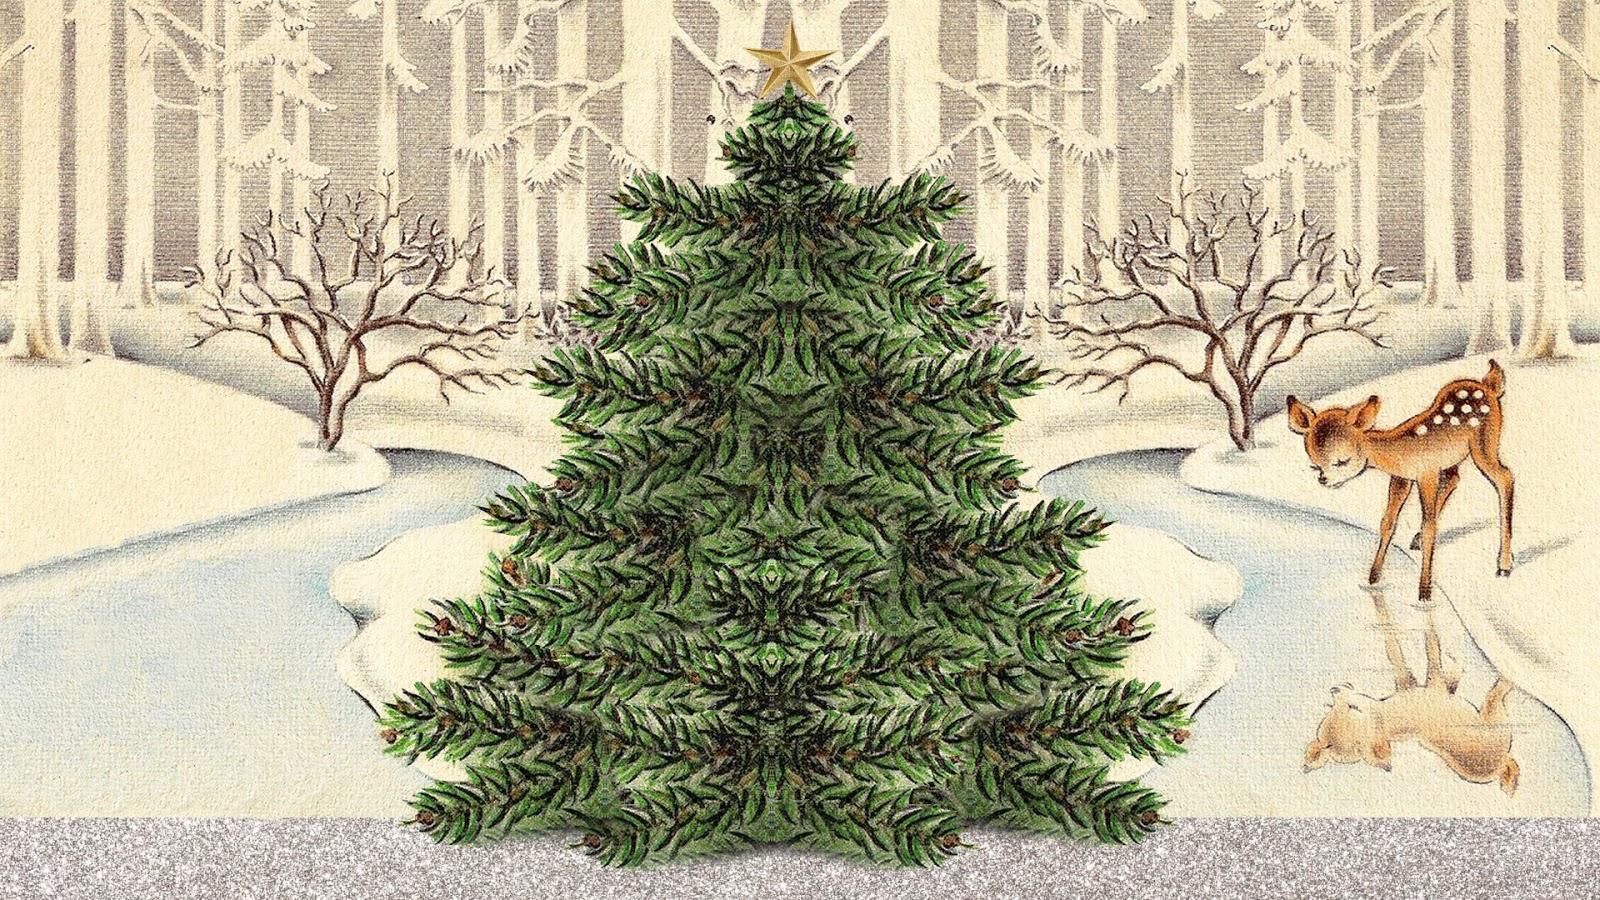 LayeredLiving: Free Vintage Christmas Background